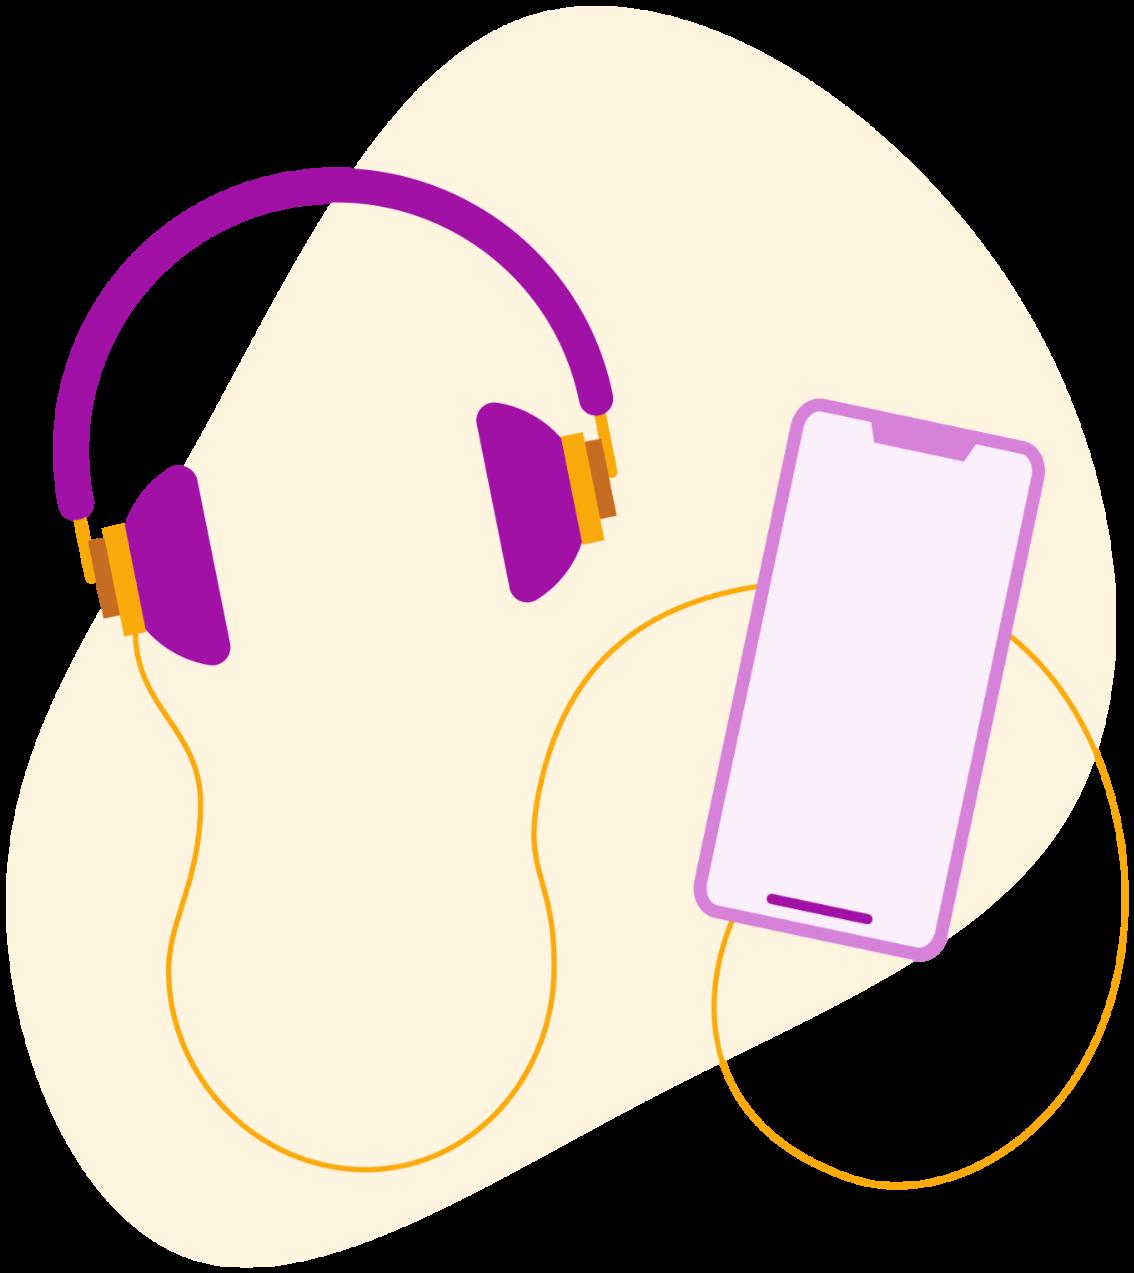 Écouteurs et téléphone pour écouter le podcast